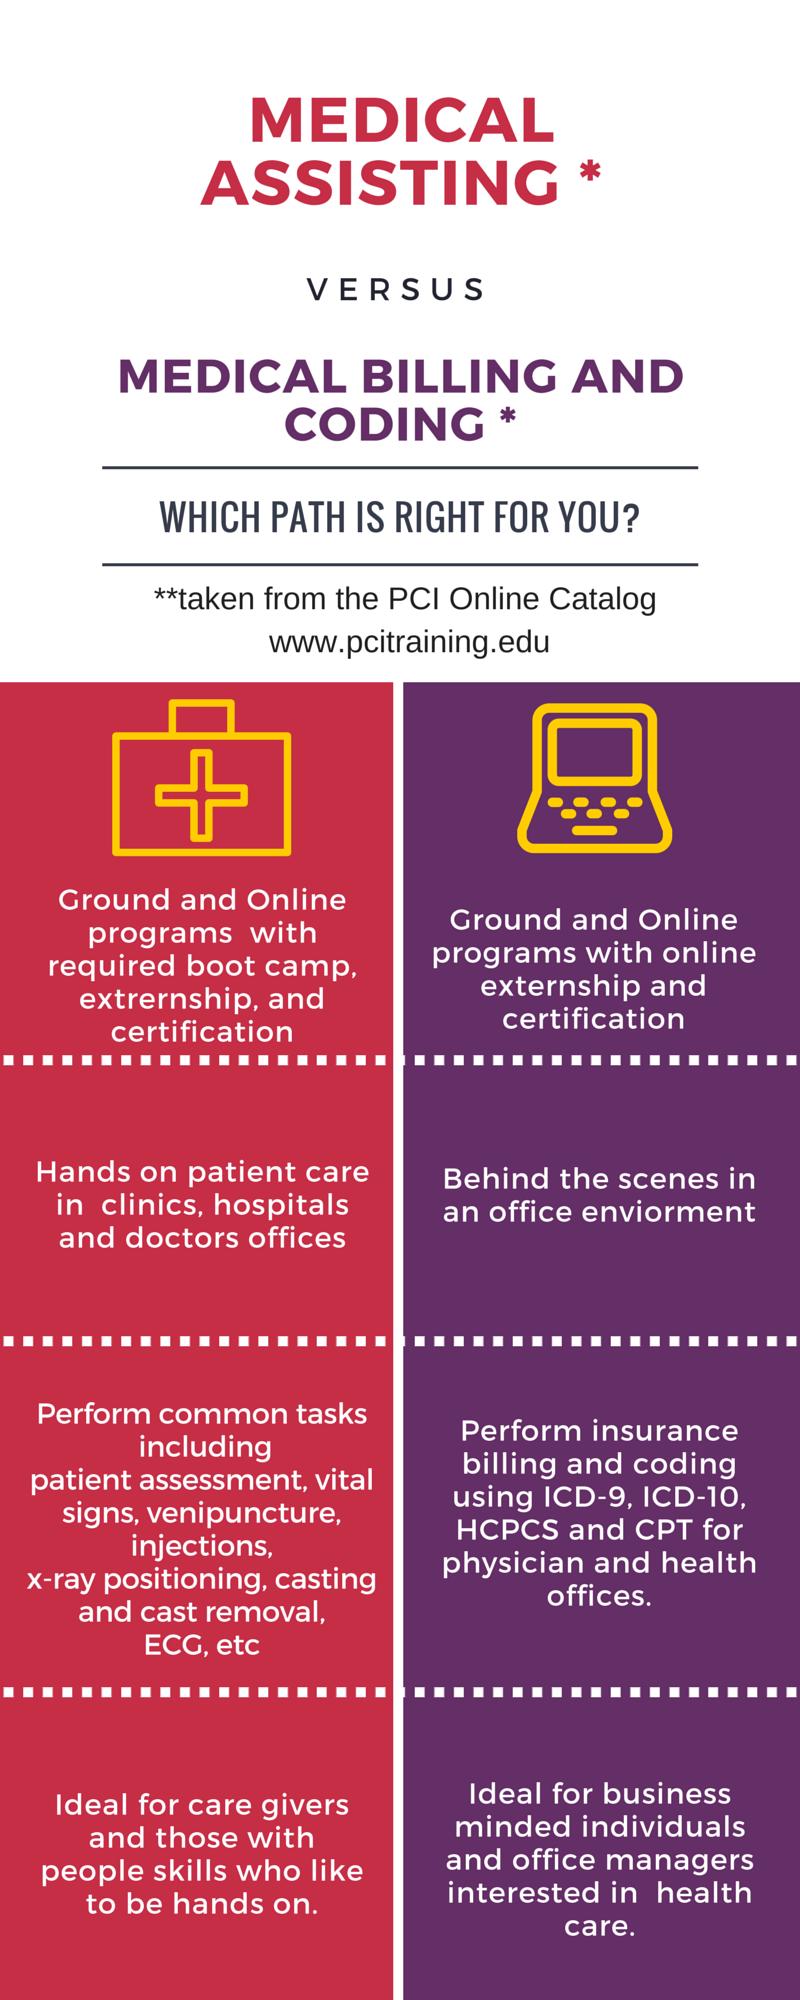 Medical Assisting vs MBCS